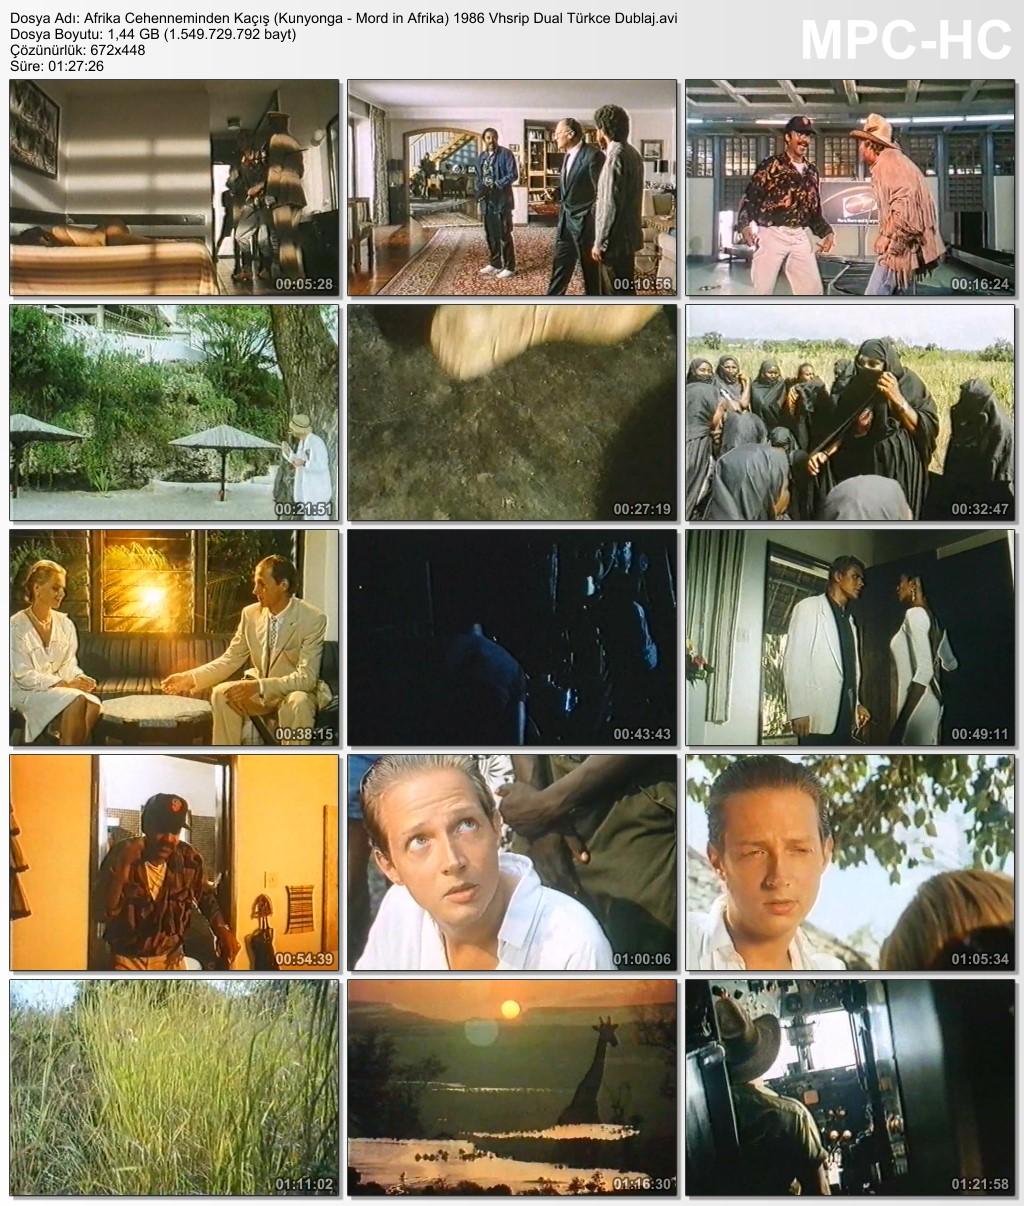 Afrika Cehenneminden Kaçış (Kunyonga - Mord in Afrika) 1986 Vhsrip Dual Türkce Dublaj - barbarus